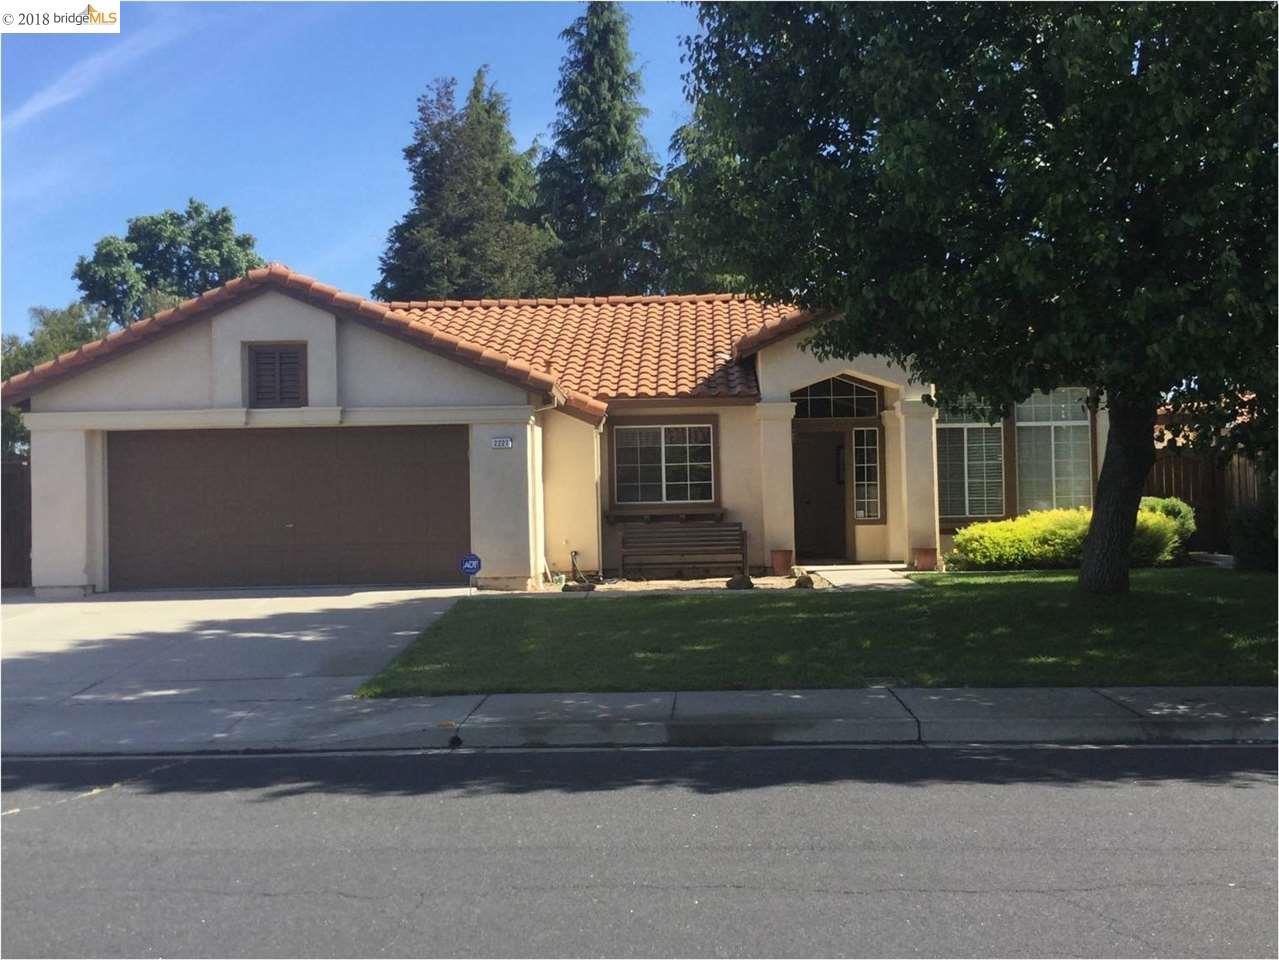 2221 Pinenut Way, ANTIOCH, CA 94509